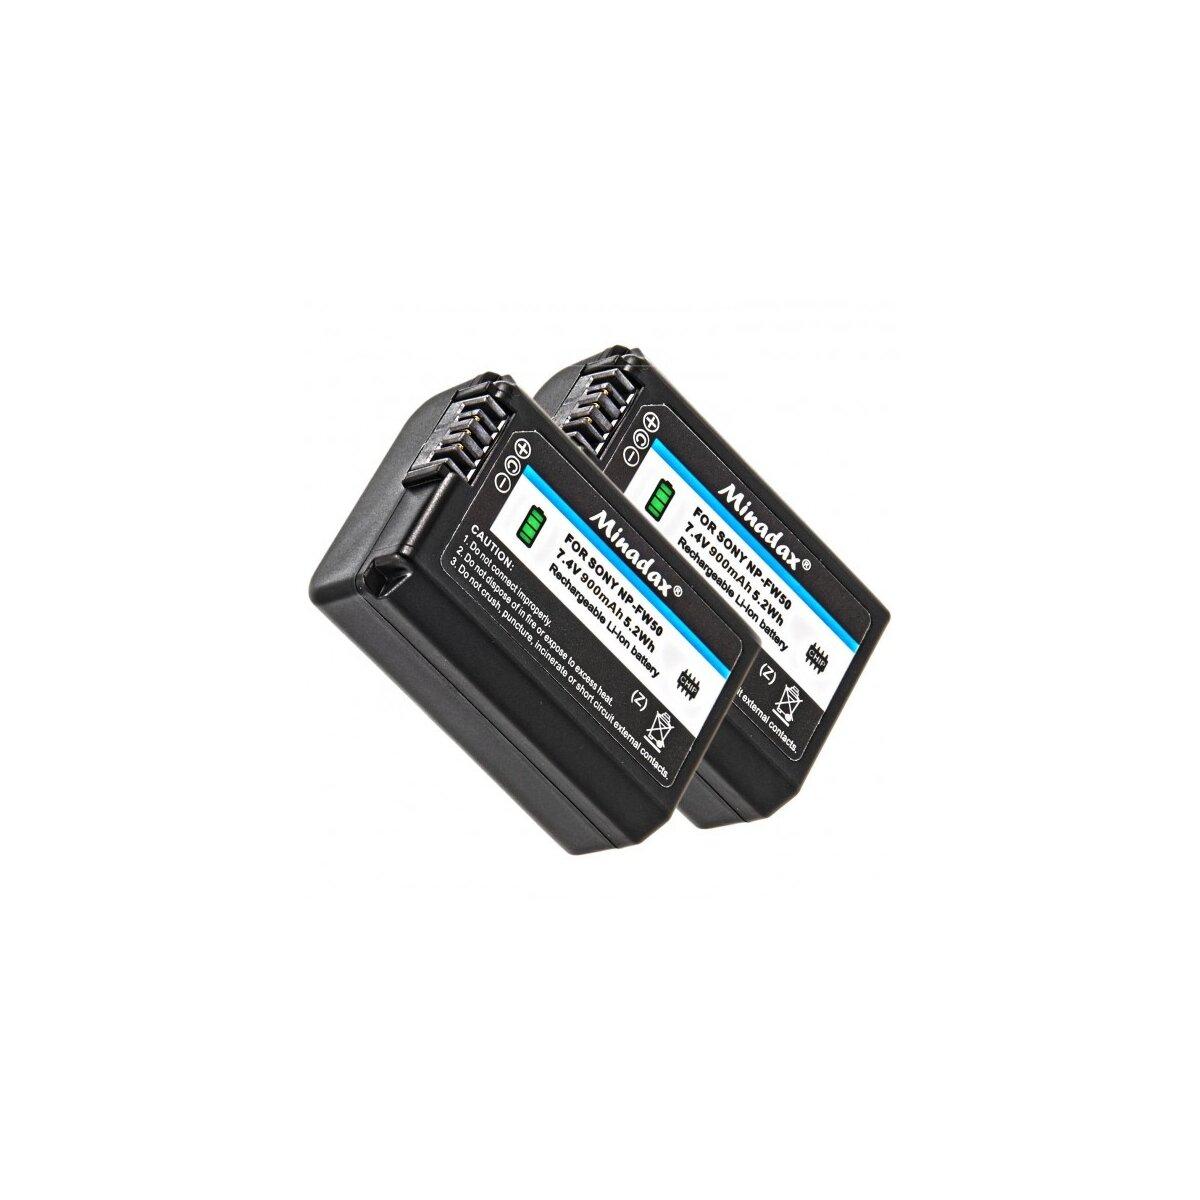 2x Minadax Qualitätsakku mit echten 900 mAh kompatibel für Sony A55, A33, A35, A37, NEX-6, NEX-7 Serie, NEX-3 Serie, NEX-5 Serie etc – Ersatz für NP-FW50 - Intelligentes Akkusystem mit Chip